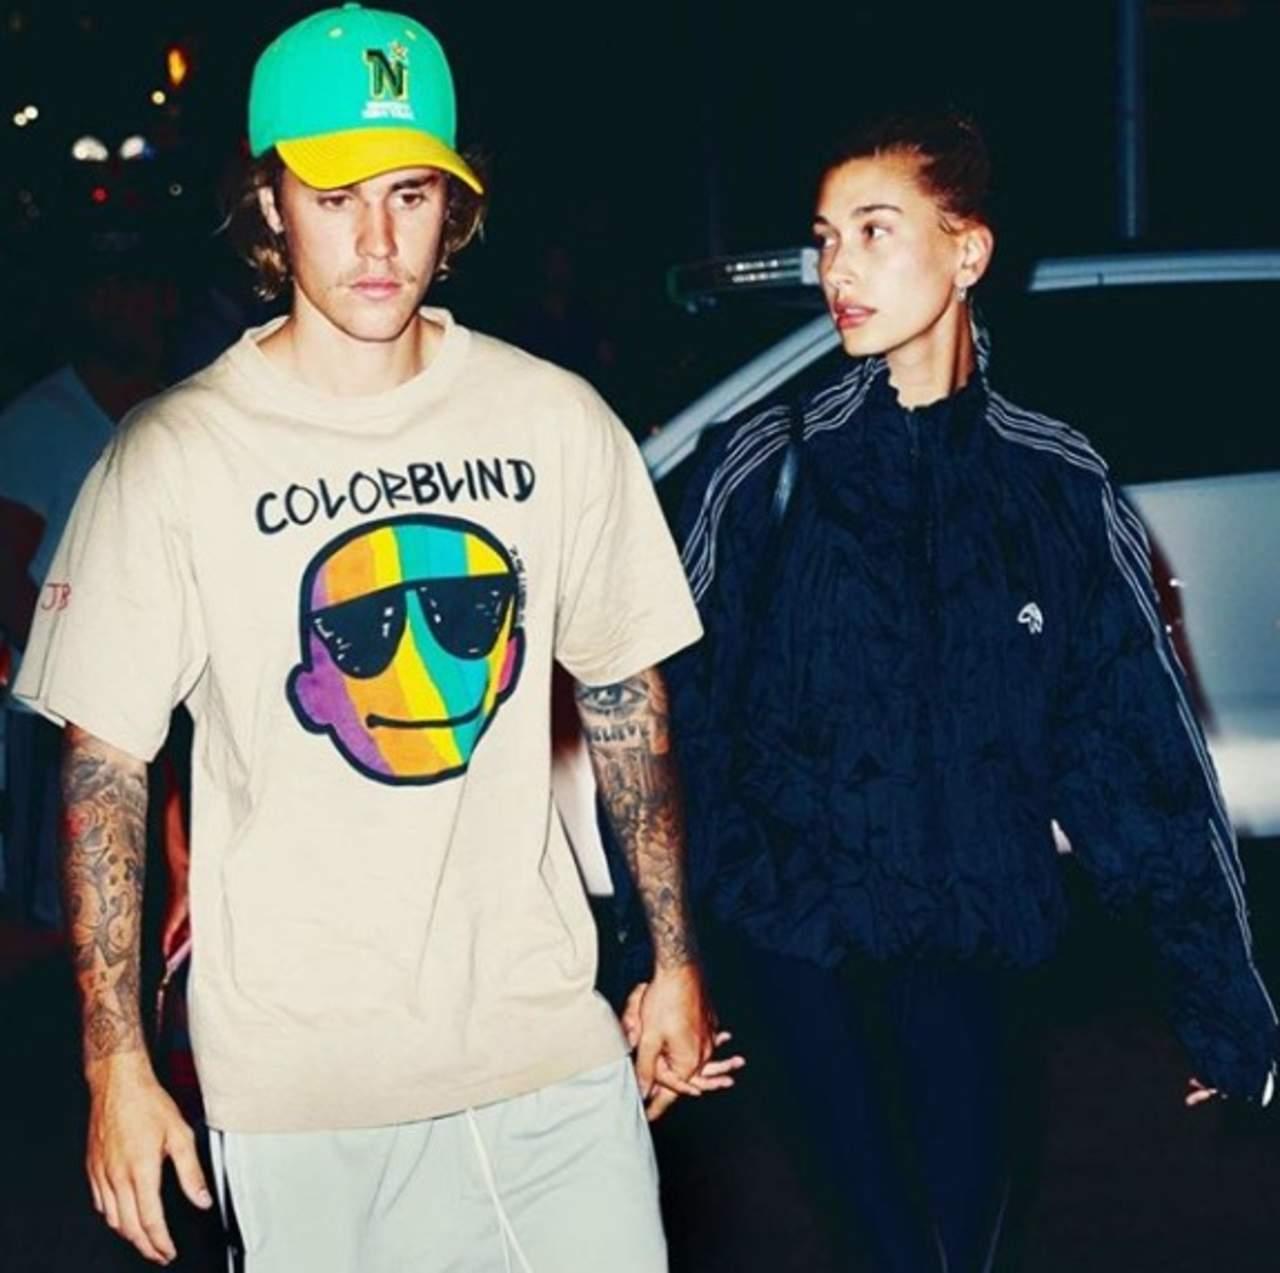 Tras rumores, Hailey desmiente haberse casado con Justin